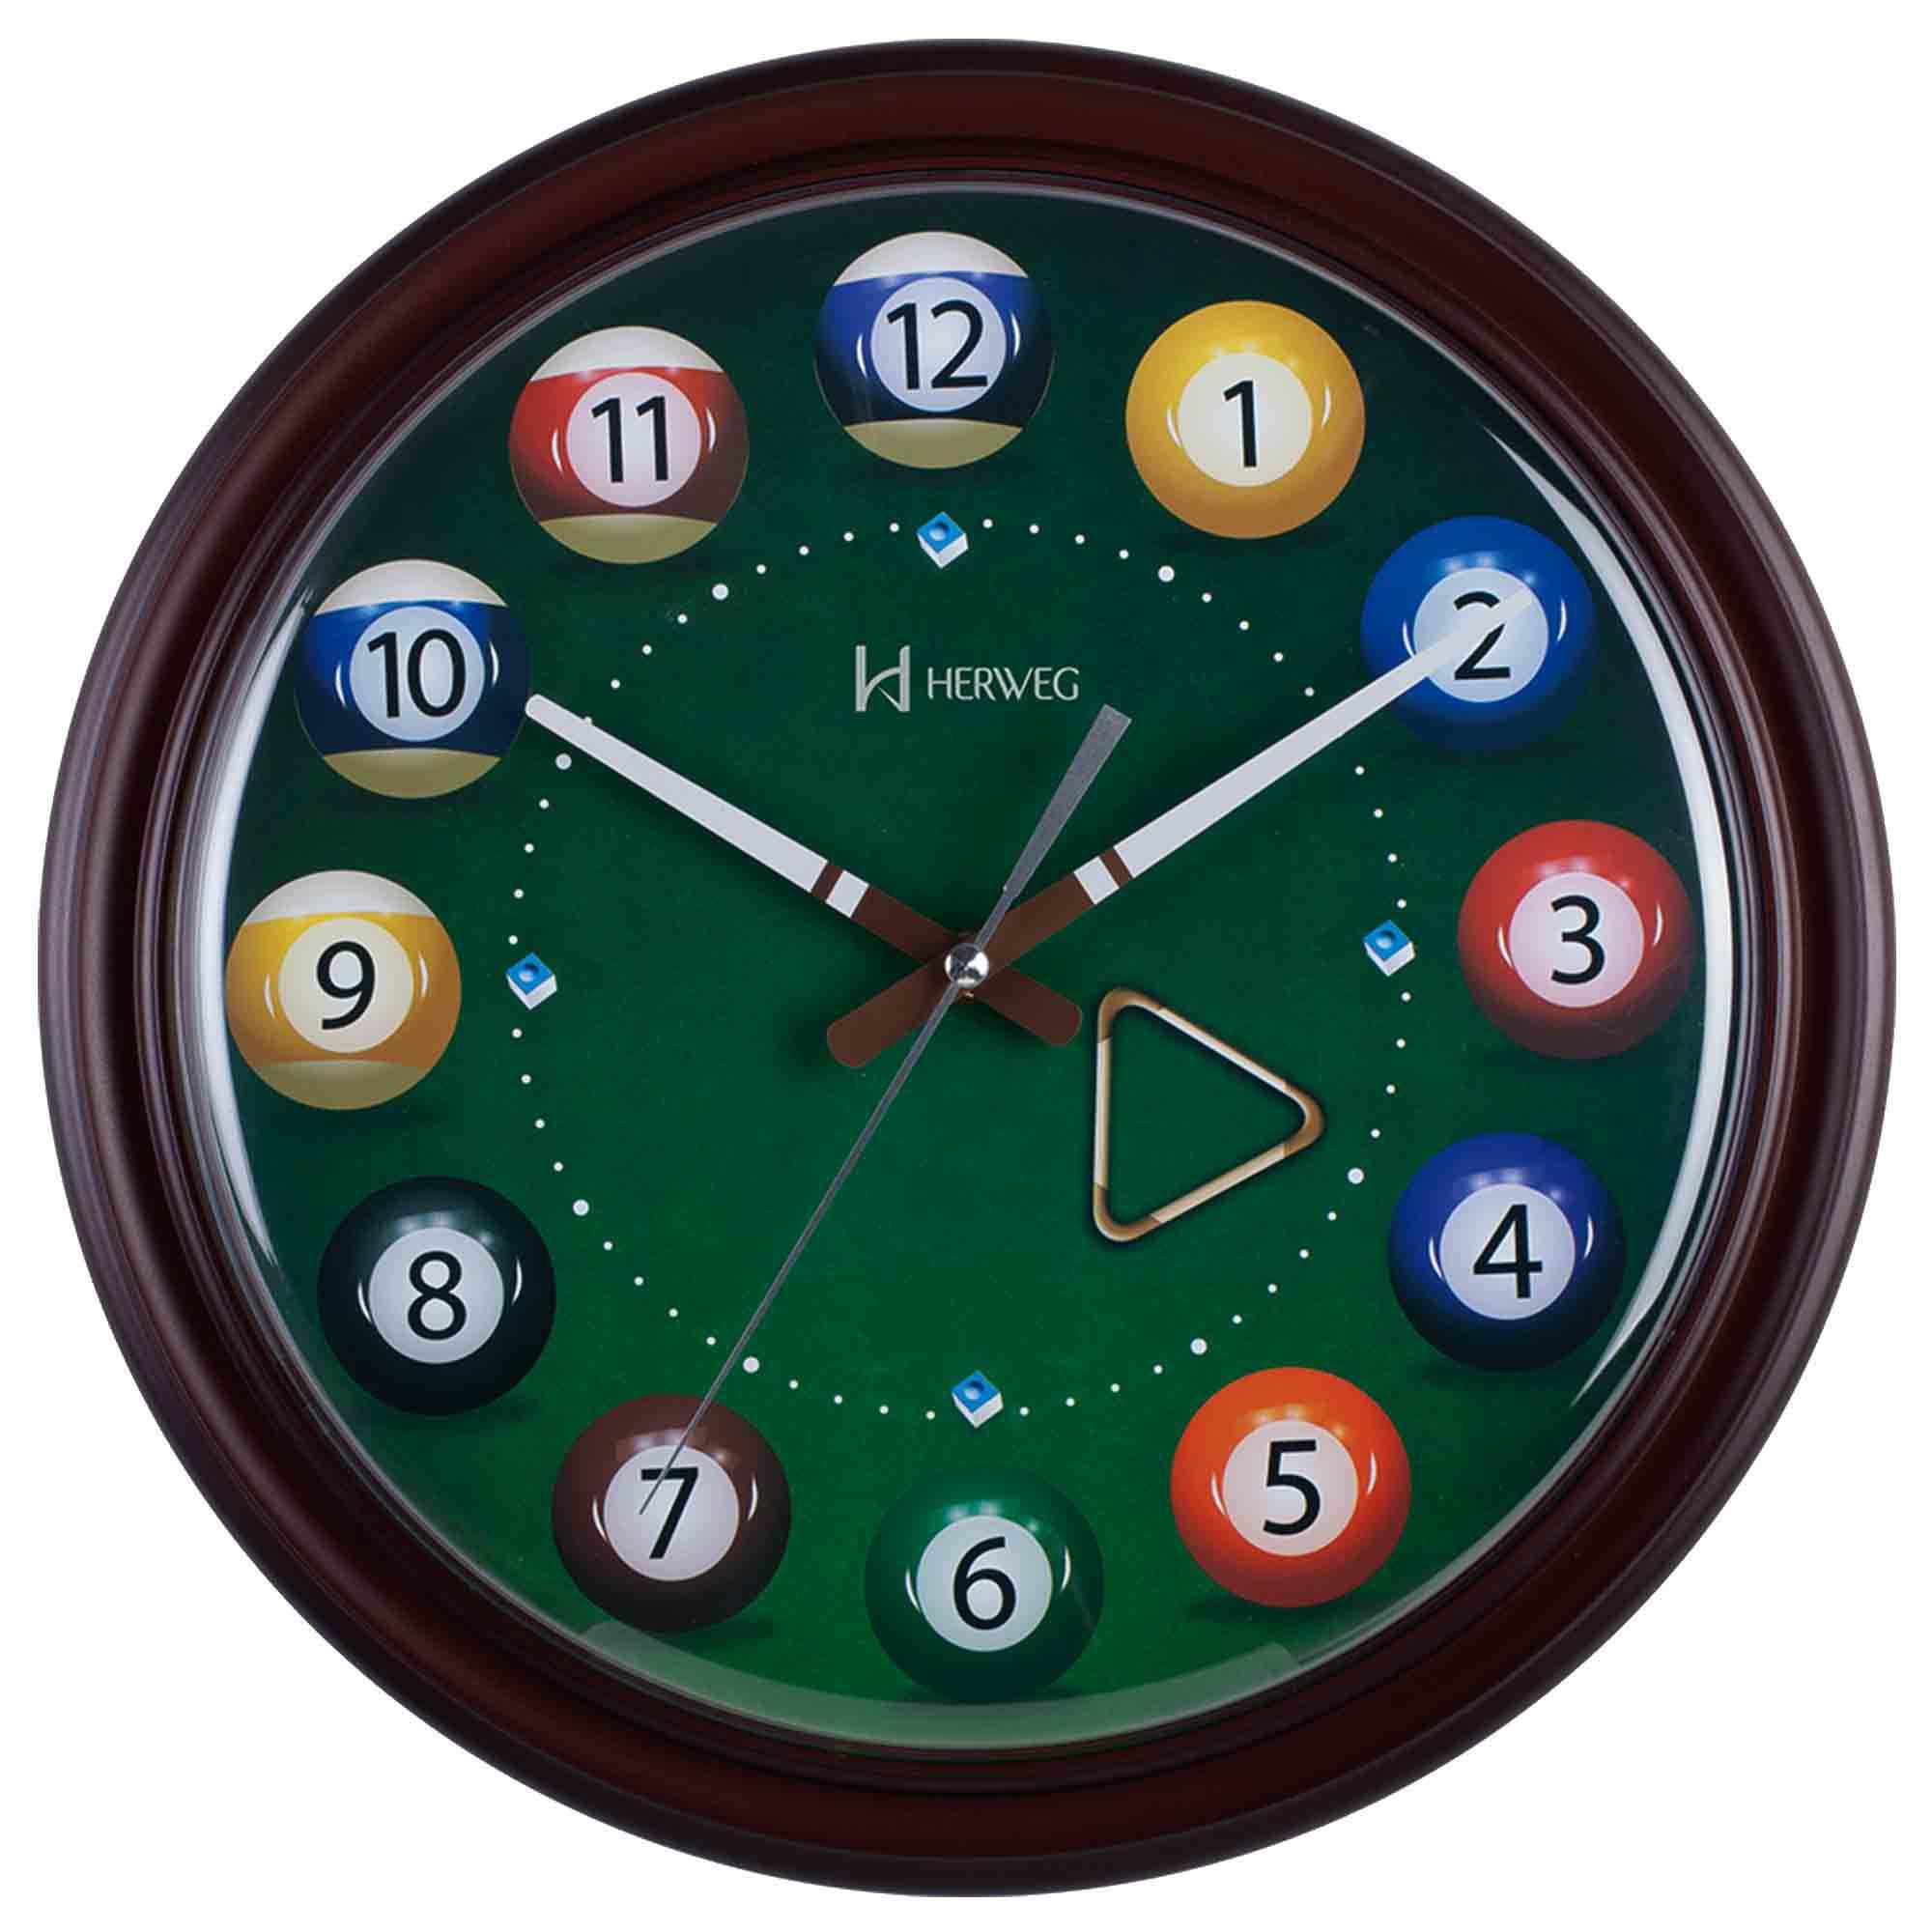 Relógio de Parede Analógico Herweg 6469 084 Marrom Ipê